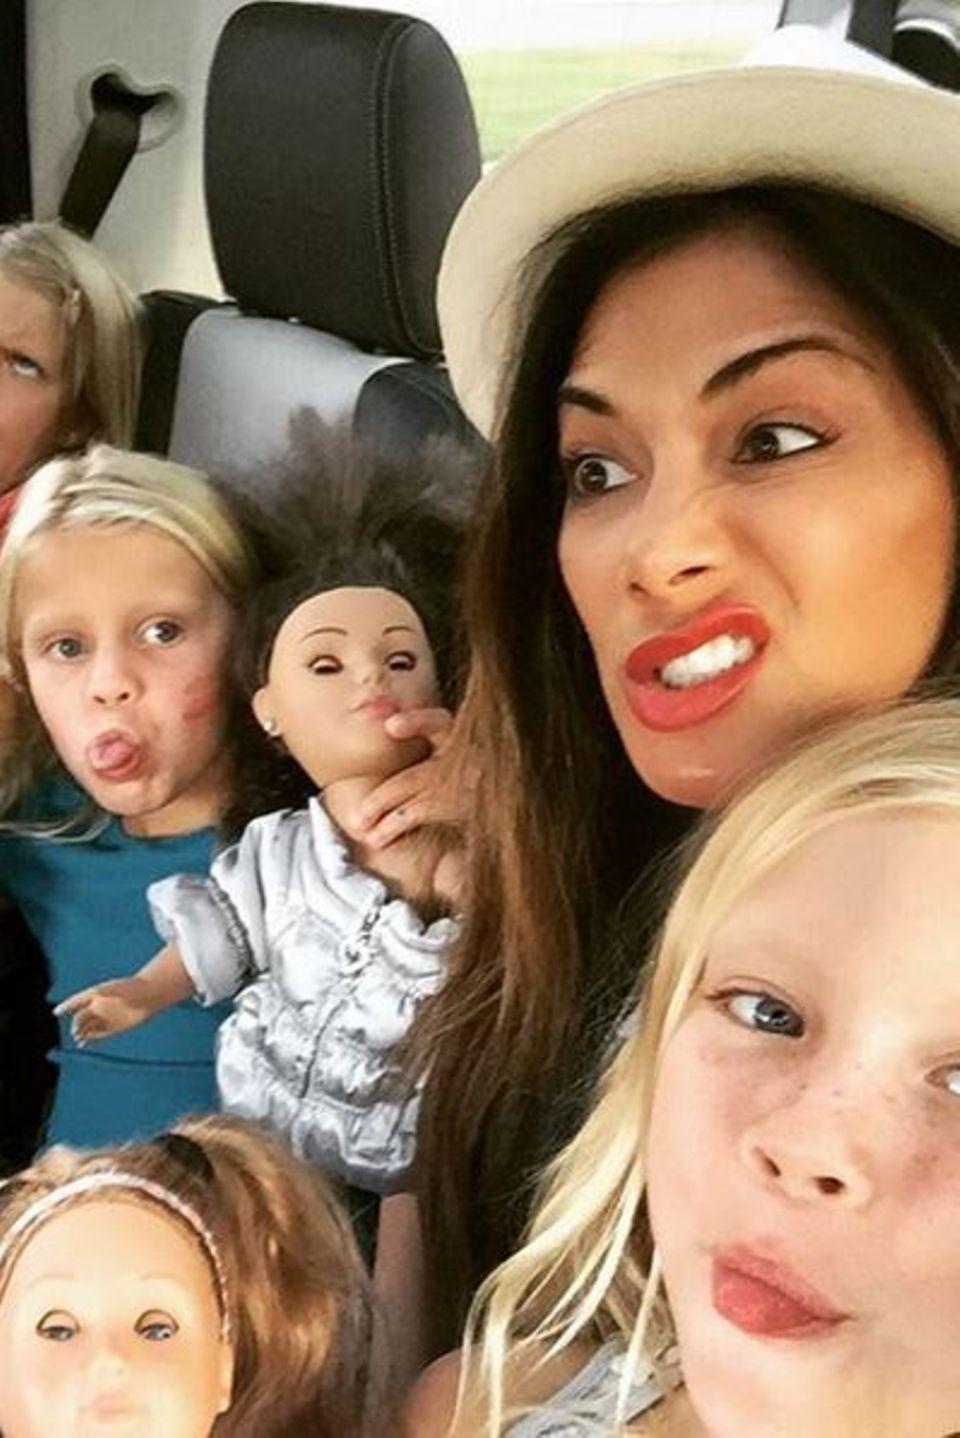 """Unterwegs im Auto nutzt Nicole Scherzinger die Zeit, um mit Kids herumzualbern. """"Die Scherzygirls sind wieder in der Stadt"""" - postet die Sängerin."""